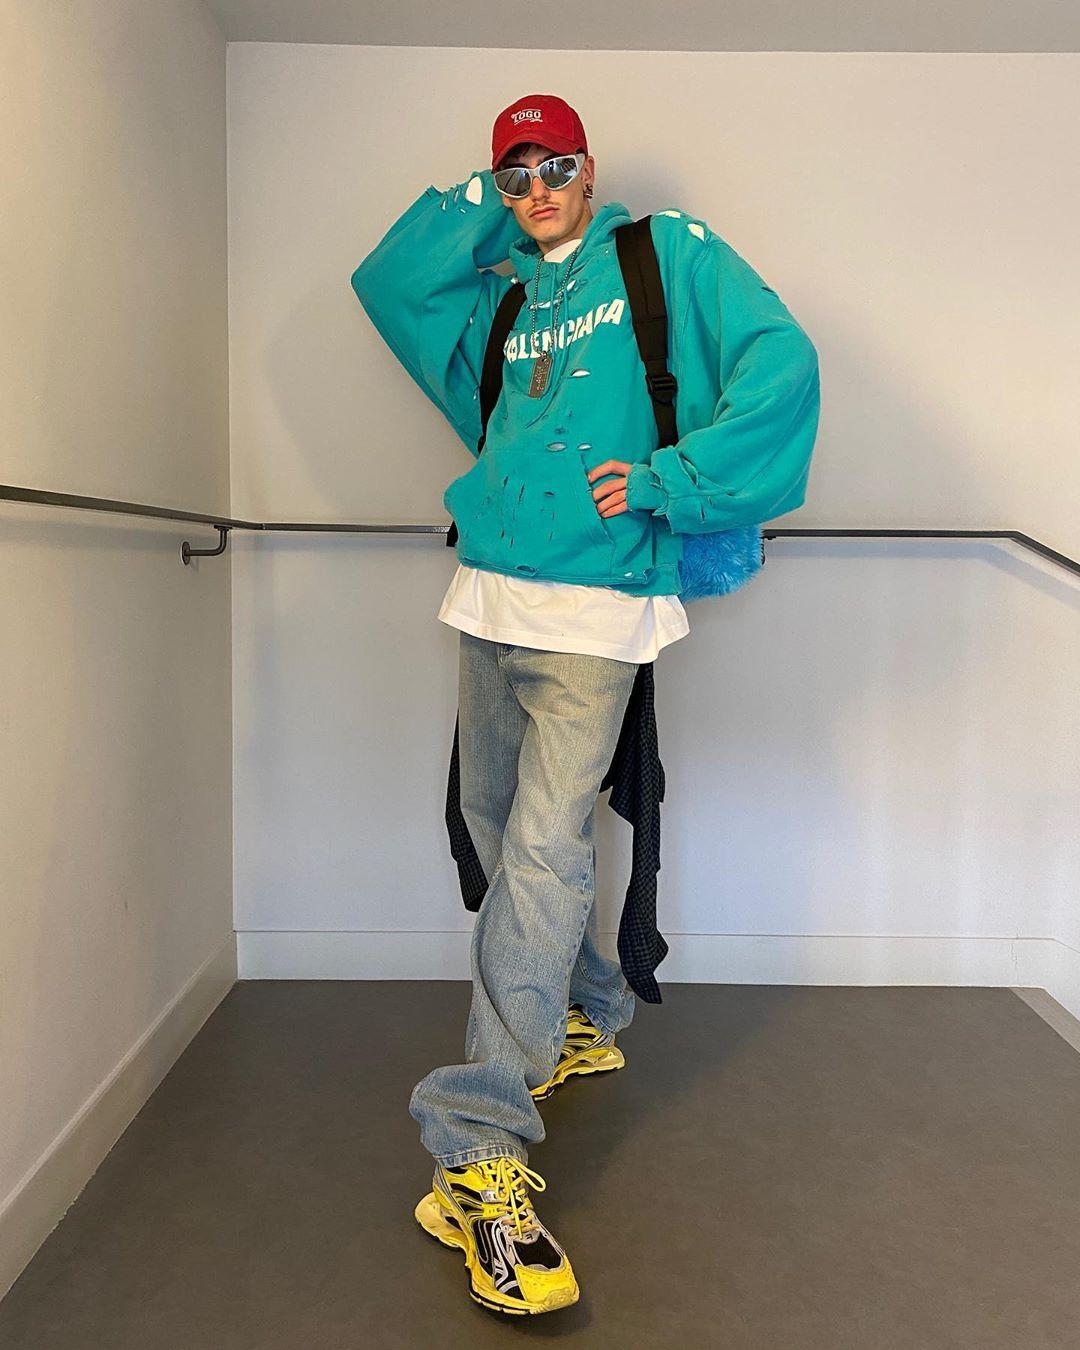 Balenciaga X-Pander 2021 sneakers